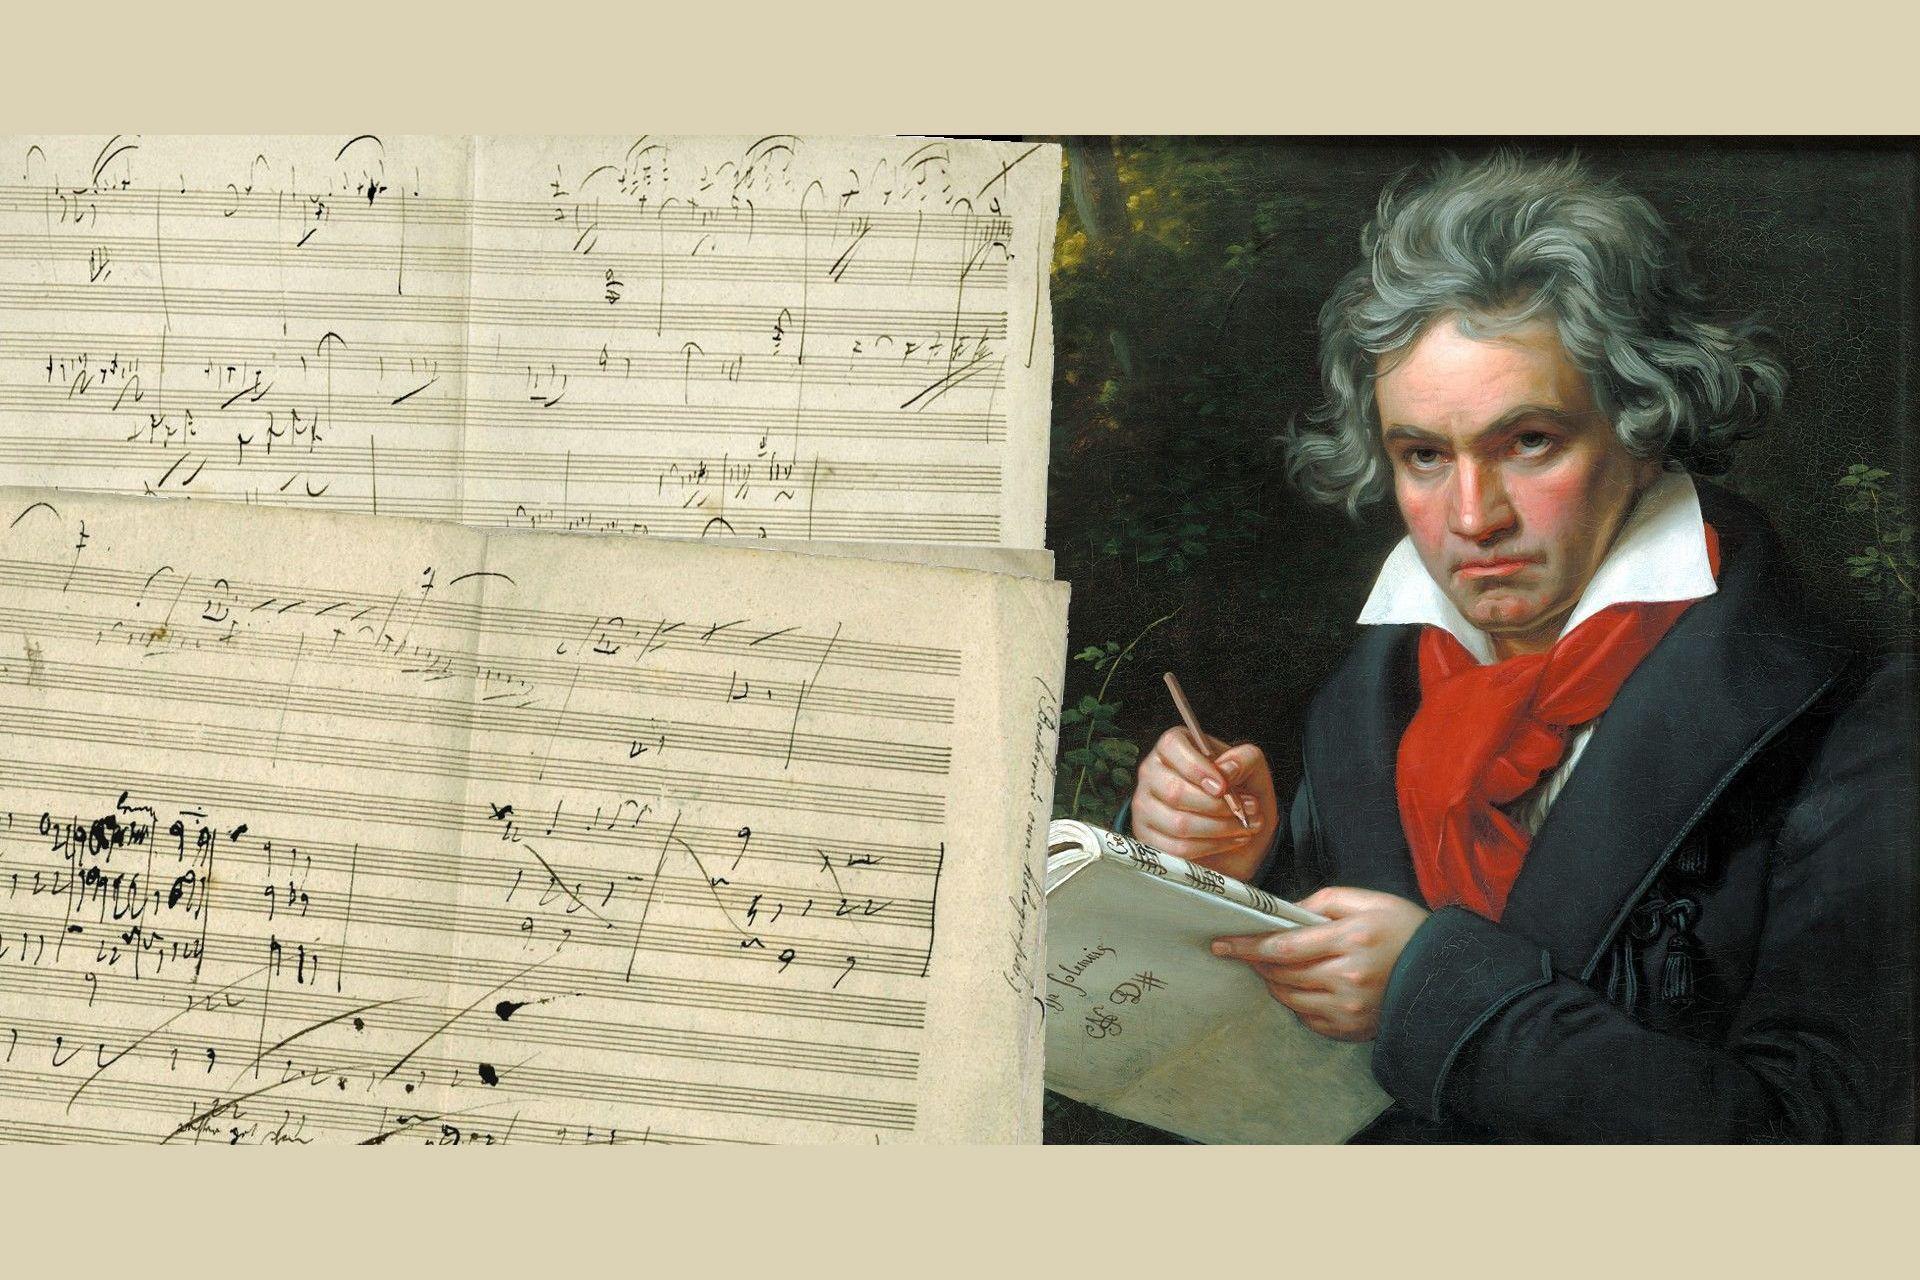 Puedes reconocer las melodas ms famosas de Beethoven